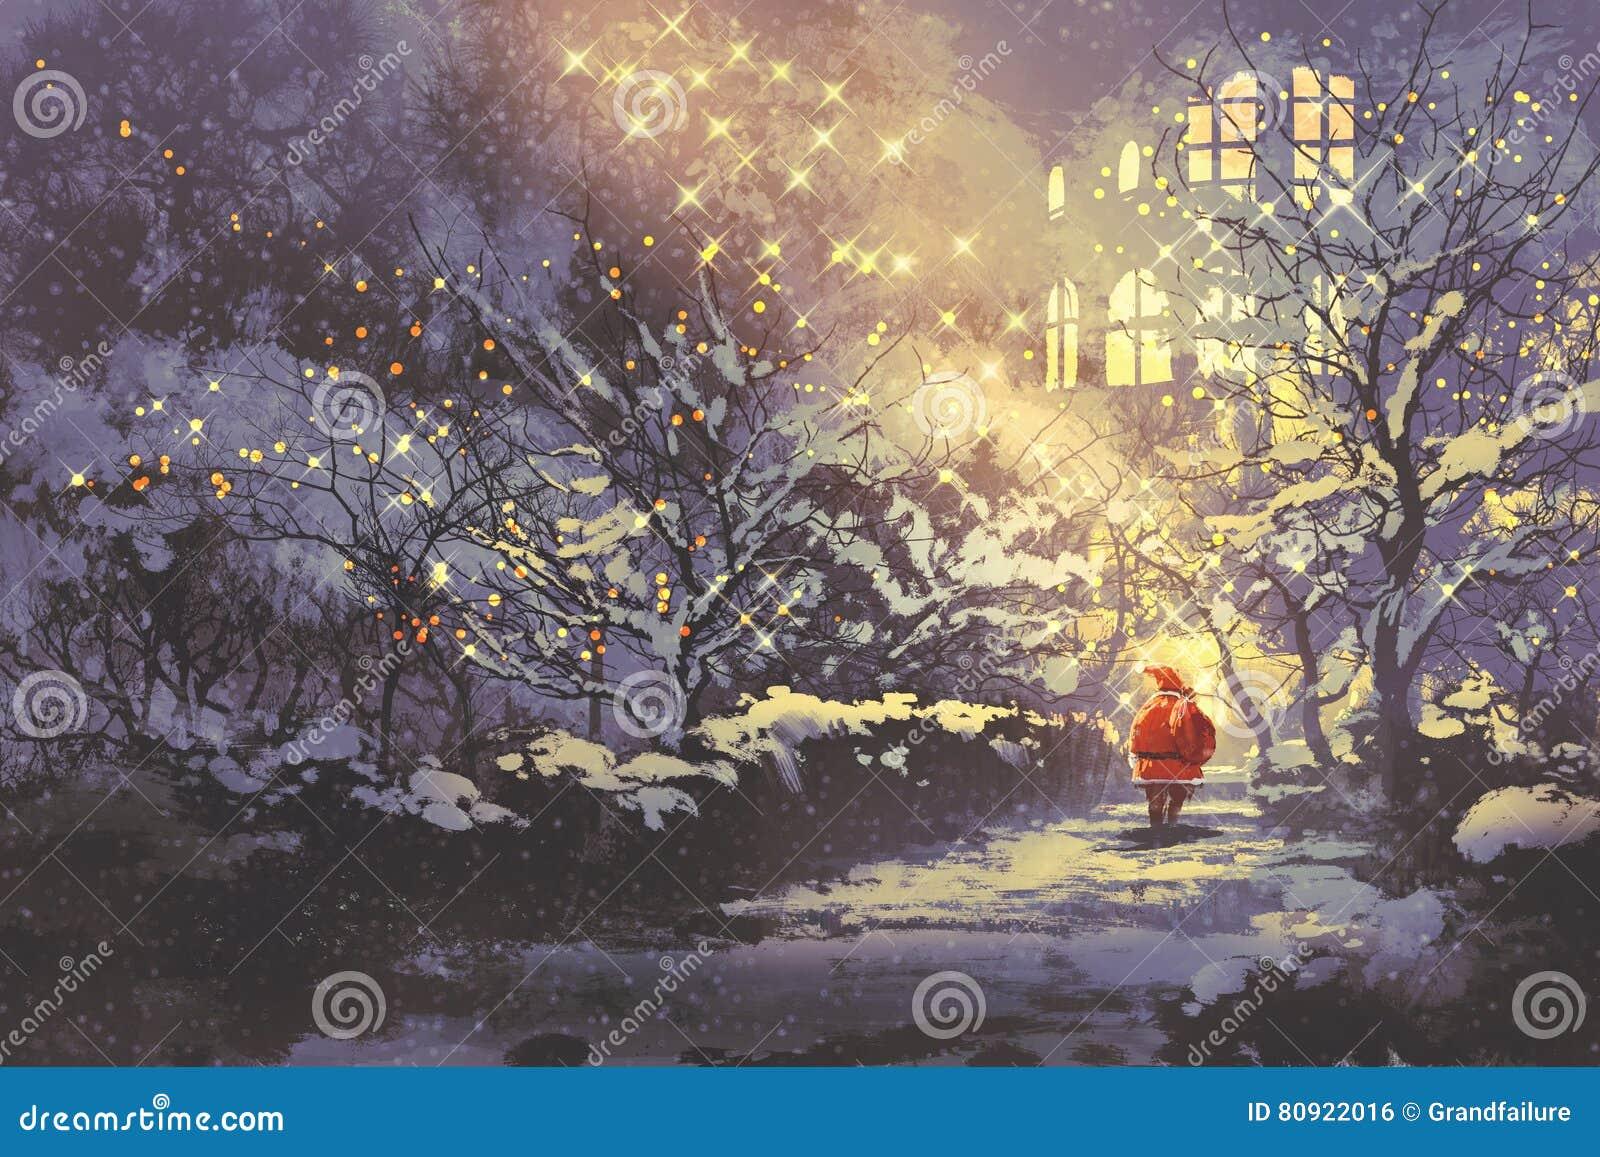 Santa Claus dans l allée neigeuse d hiver en parc avec des lumières de Noël sur des arbres